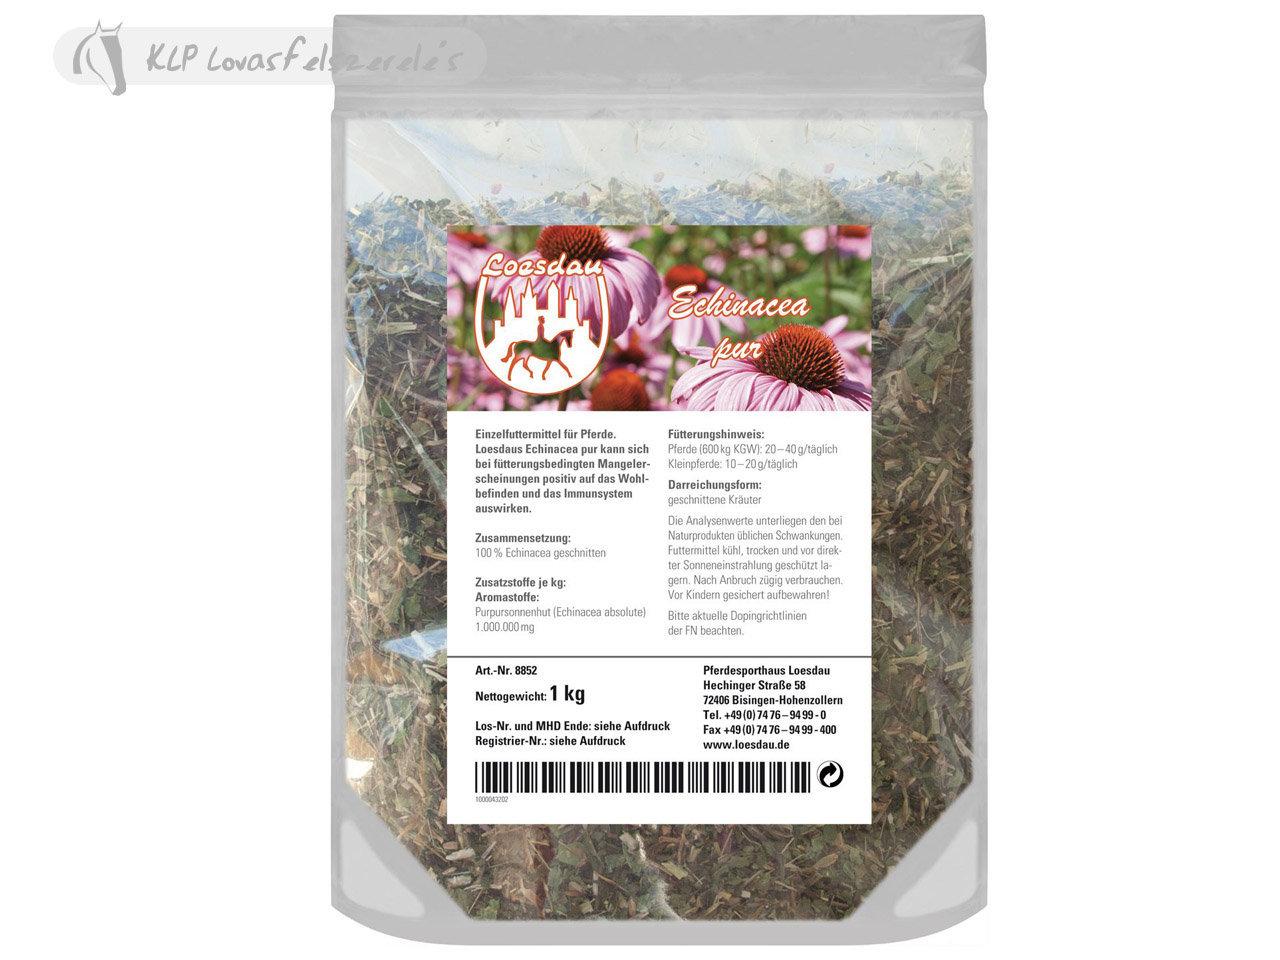 Echinacea Pur Légzéstisztító